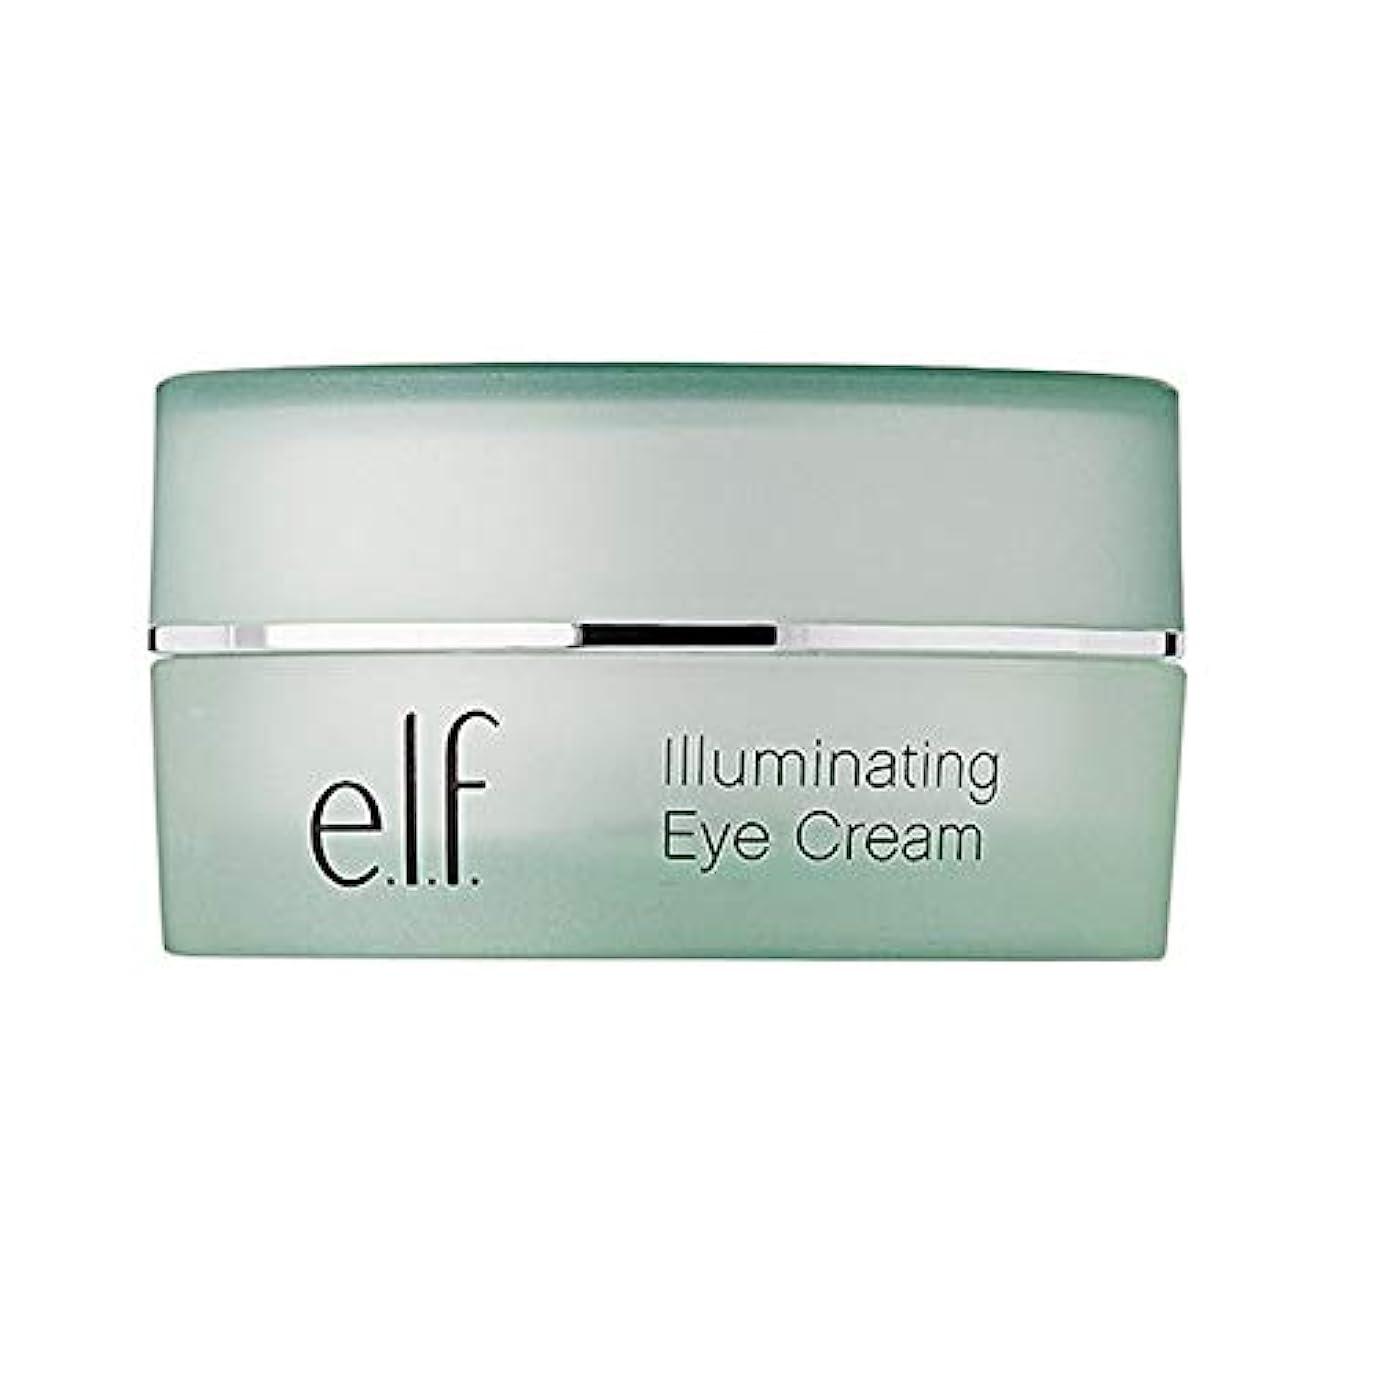 パトロン送った準備する[Elf] エルフ。照明アイクリーム14グラム - e.l.f. Illuminating Eye Cream 14g [並行輸入品]